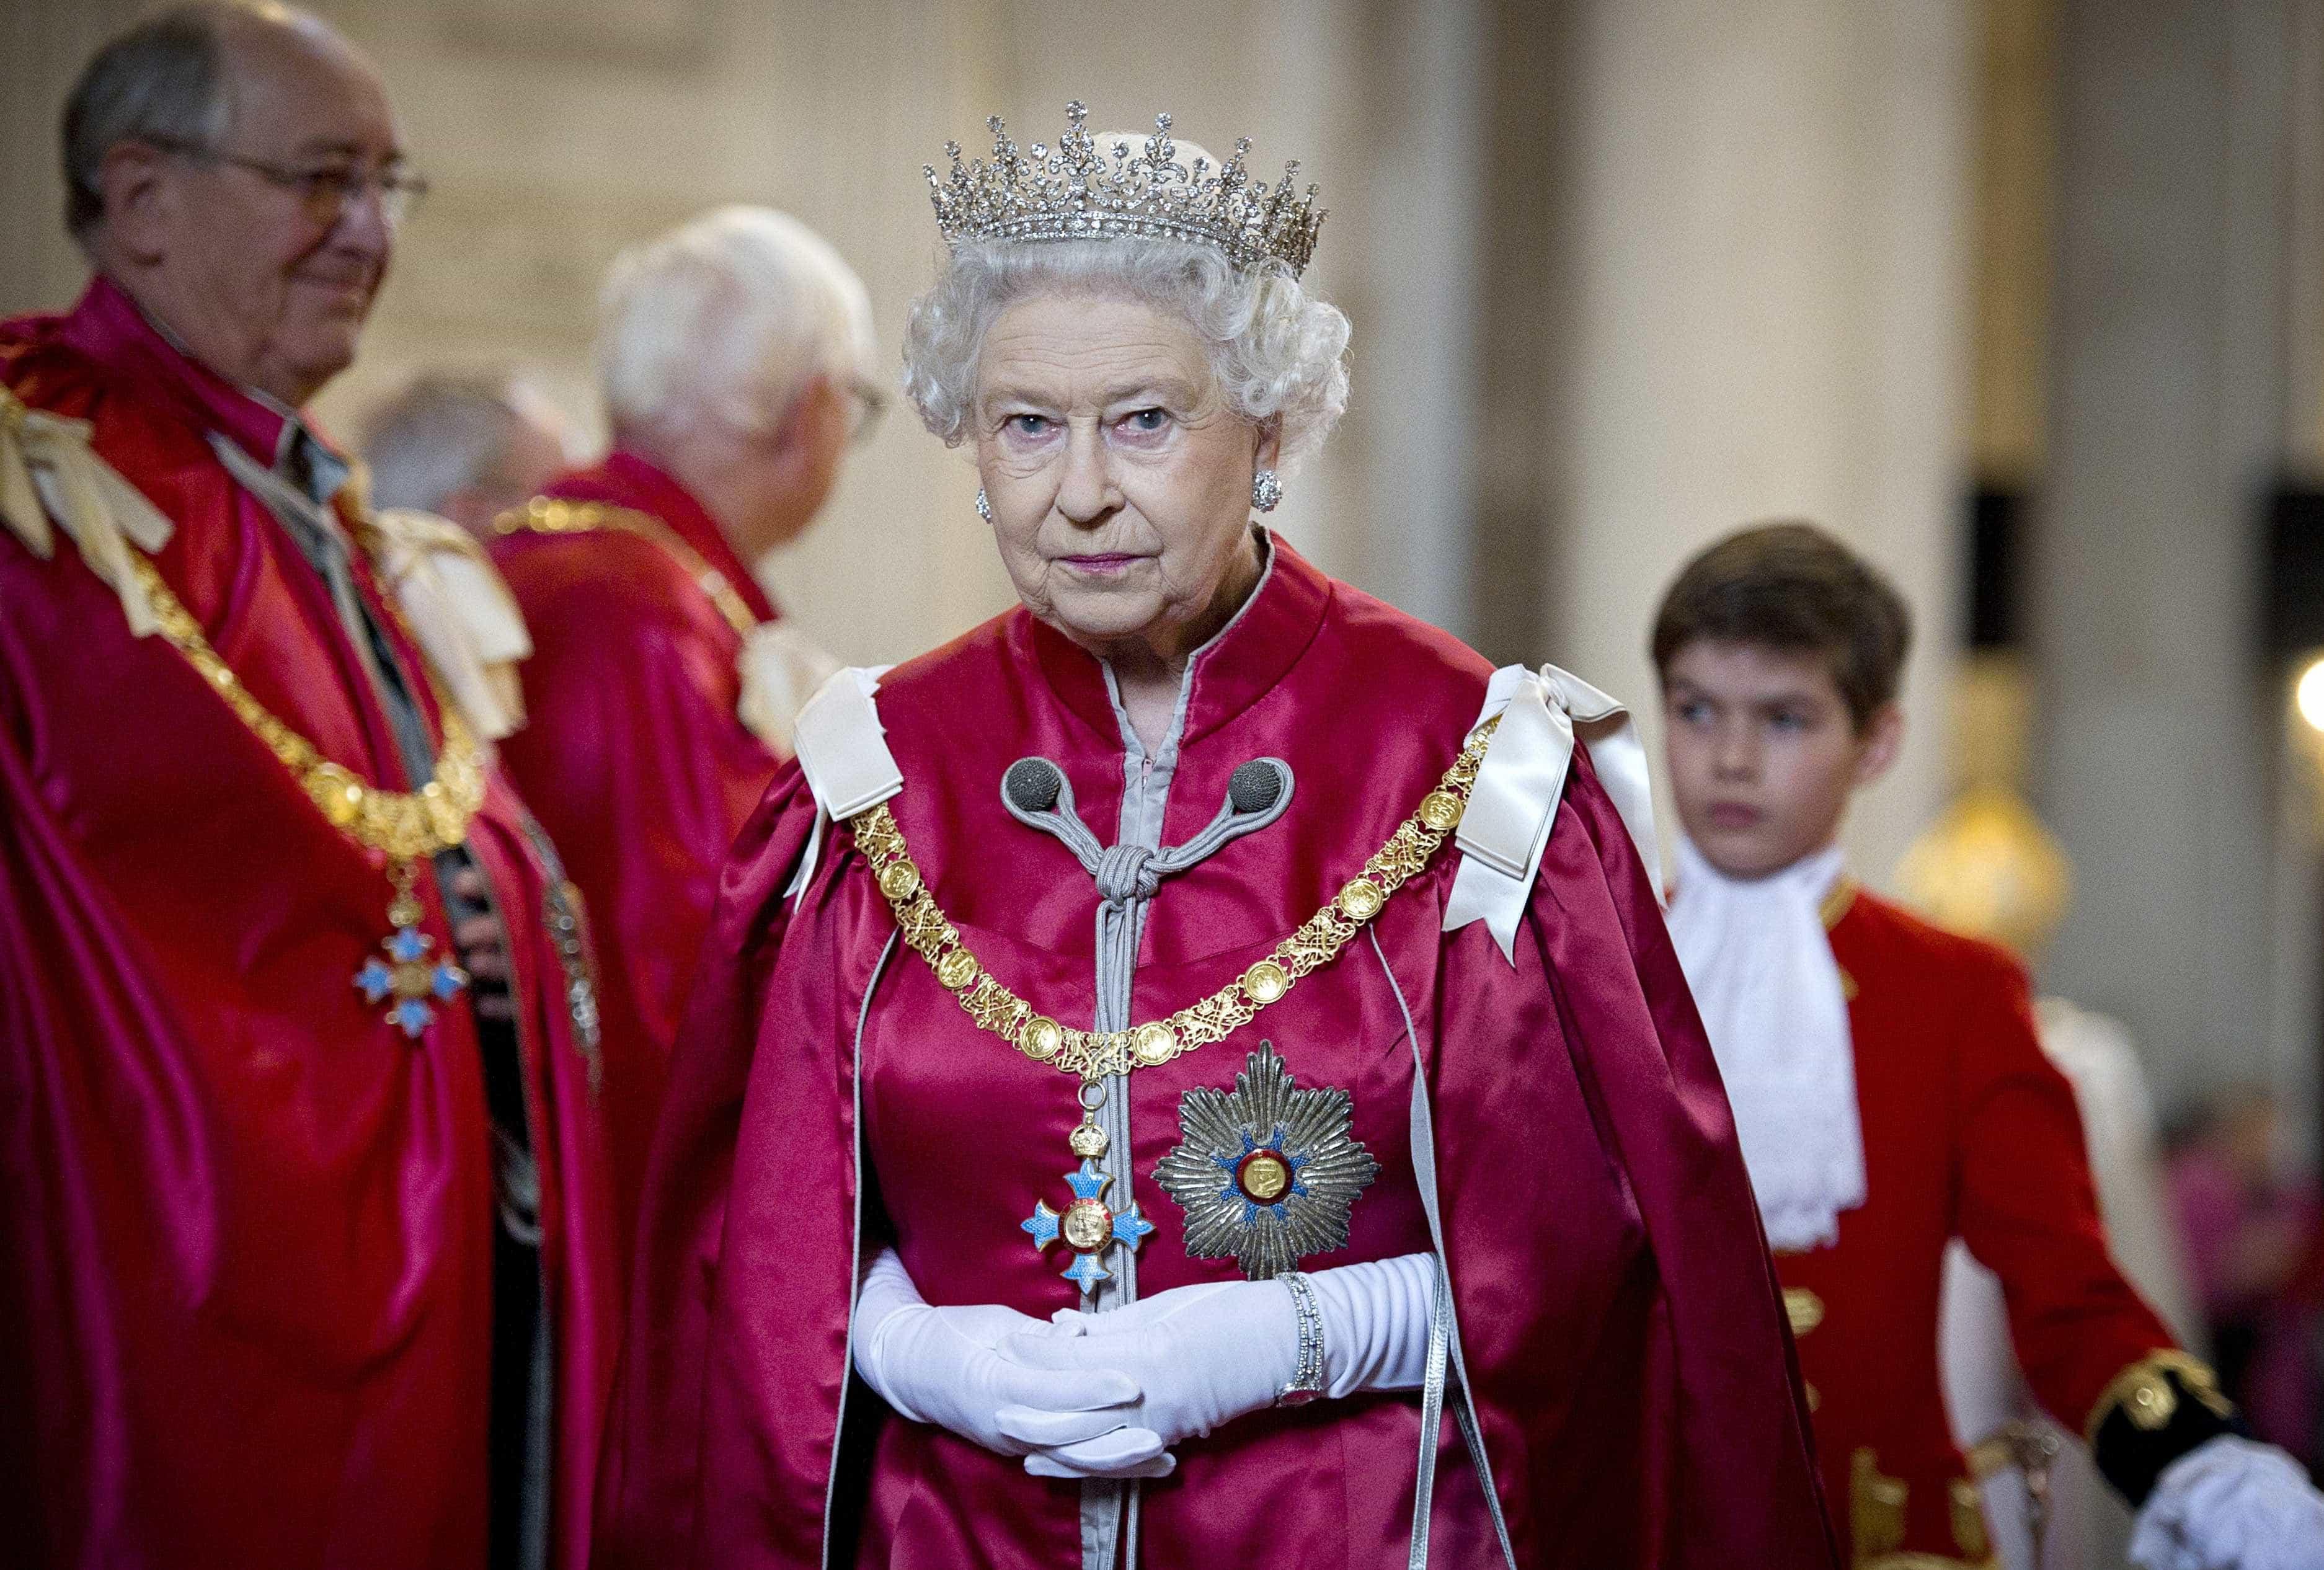 Morreu a melhor amiga da Rainha de Inglaterra -